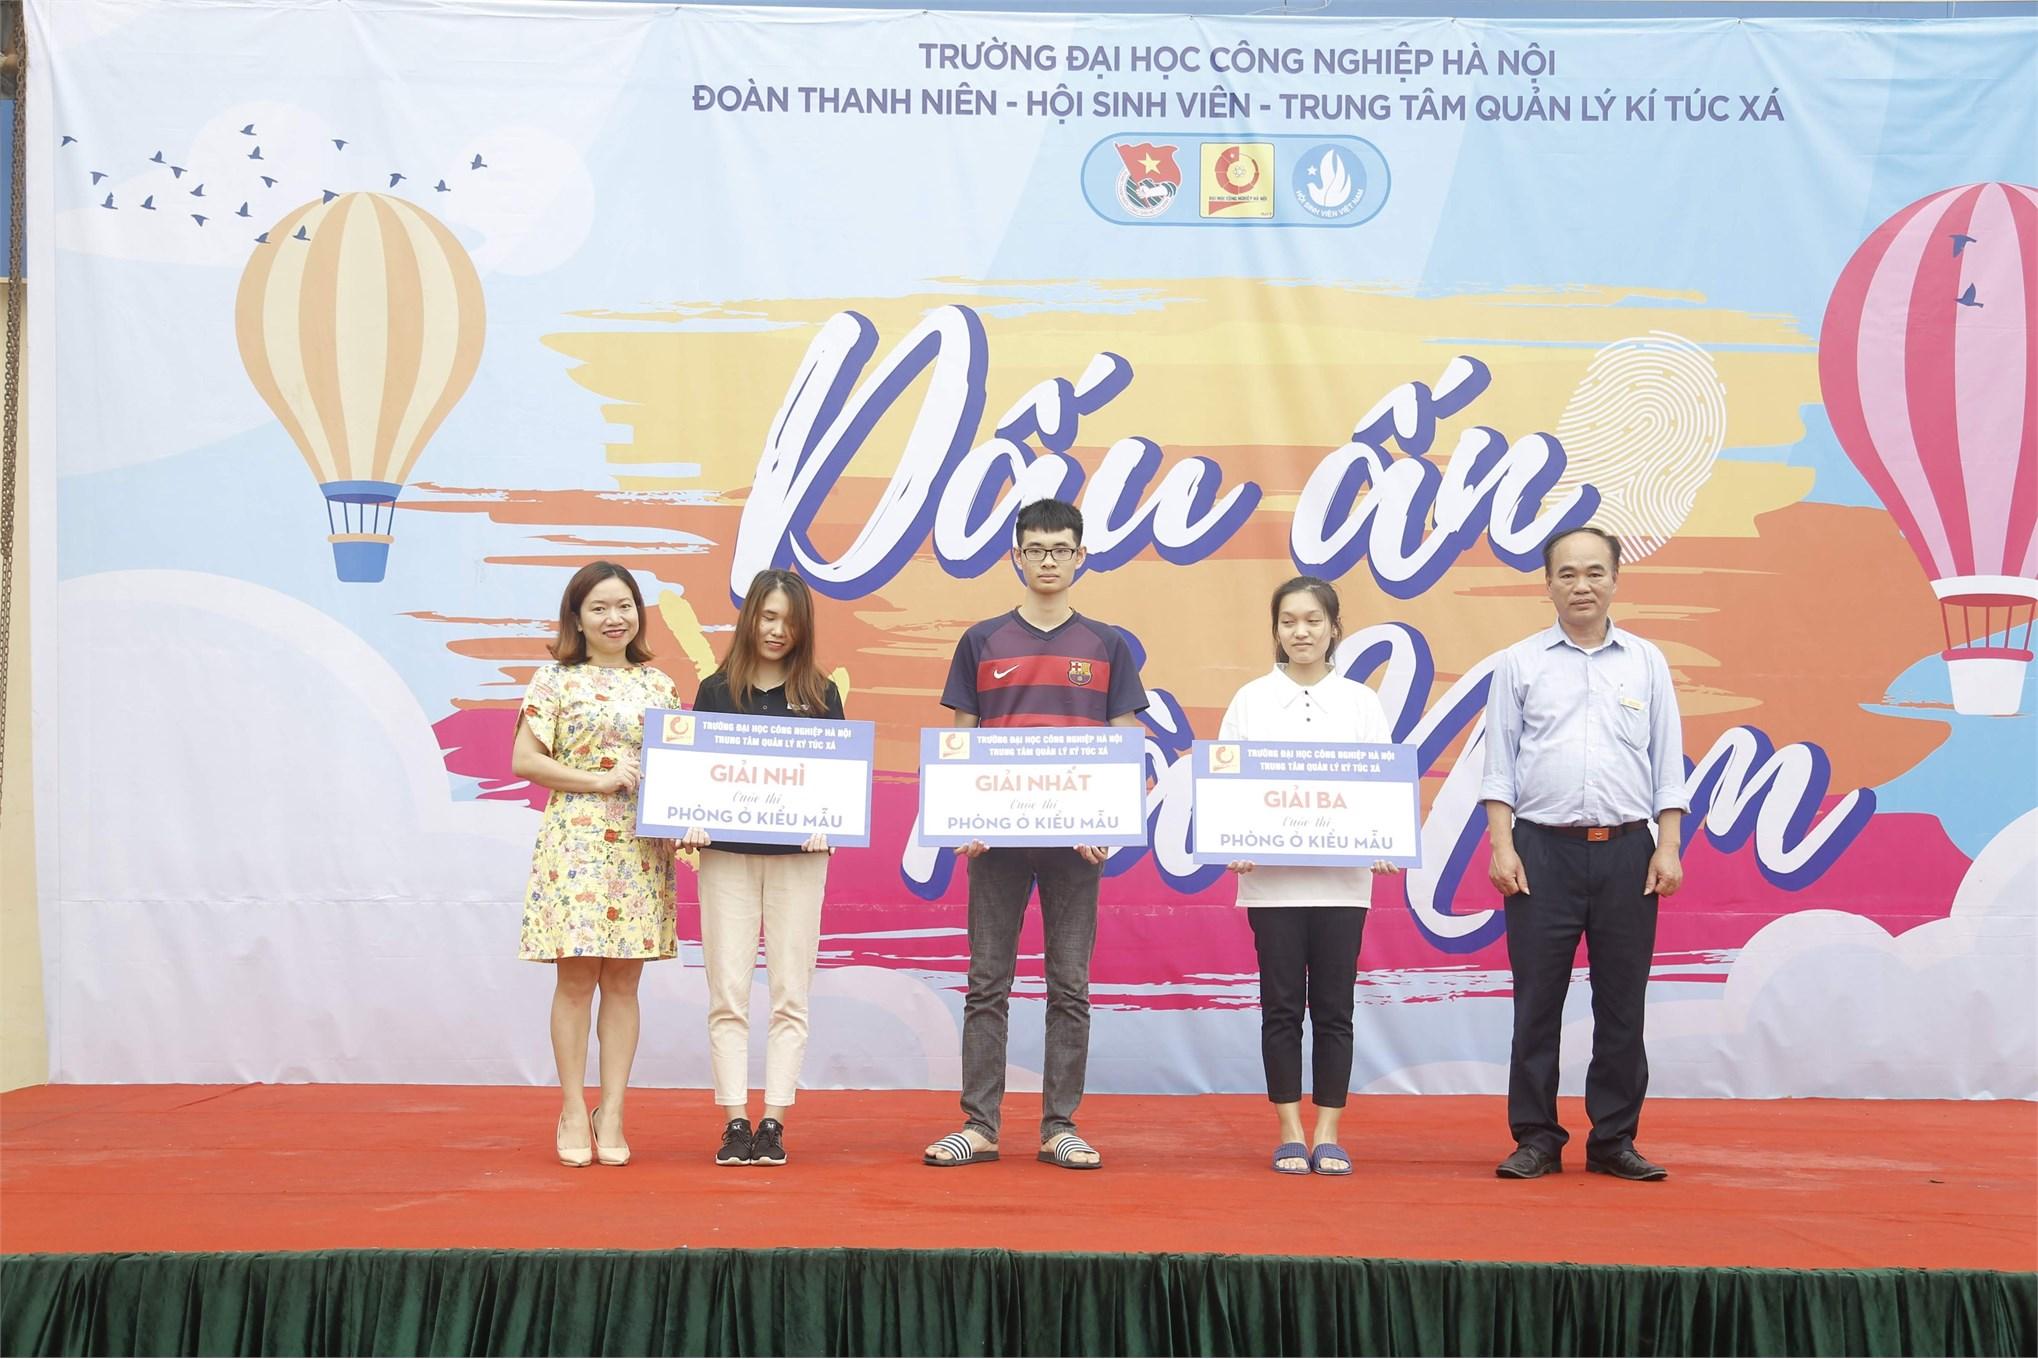 Đ/c Đinh Bạt Giáp - PGĐ TTQLKTX và đ/c Trương Thị Thanh Hoài - Bí thư Đoàn trường trao giải cuộc thi Phòng ở kiểu mẫu